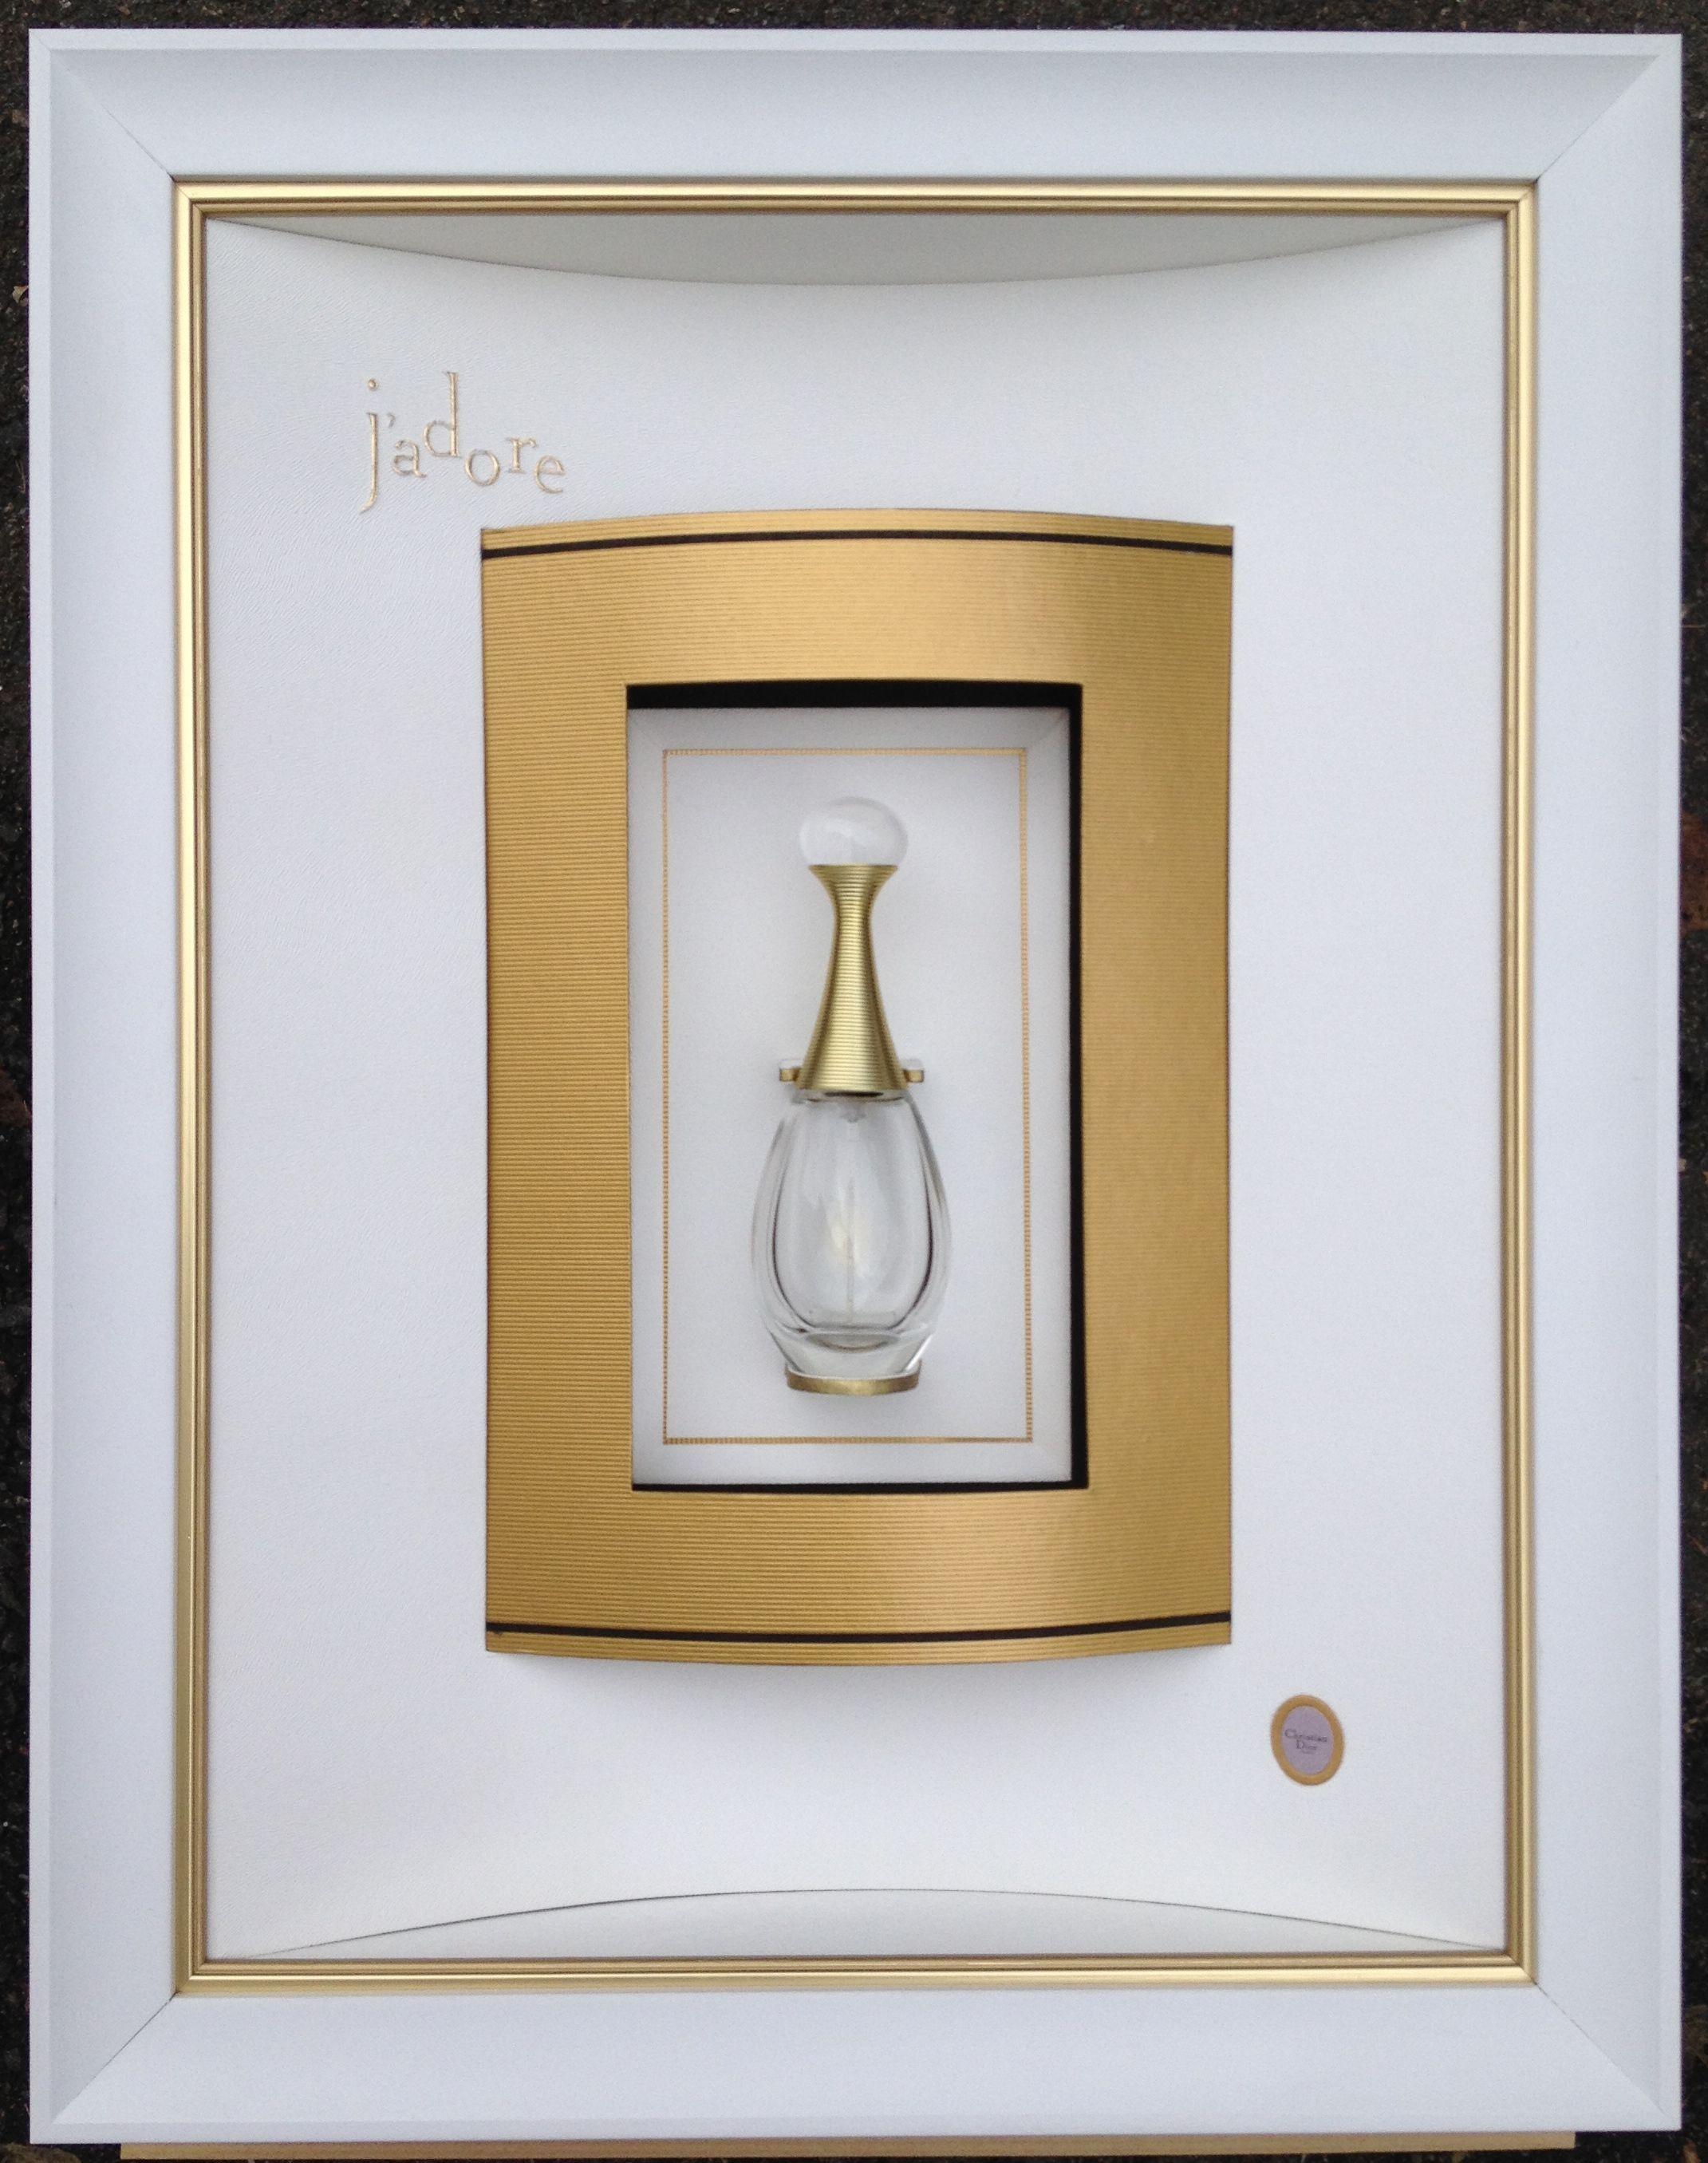 parfum j 39 adore encadr par odile escalle double passe. Black Bedroom Furniture Sets. Home Design Ideas